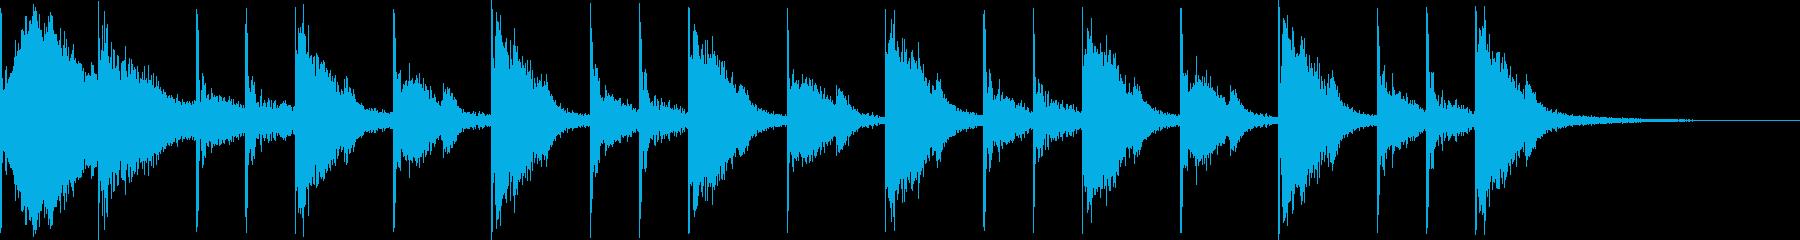 リアルなドラム8ビートです。の再生済みの波形